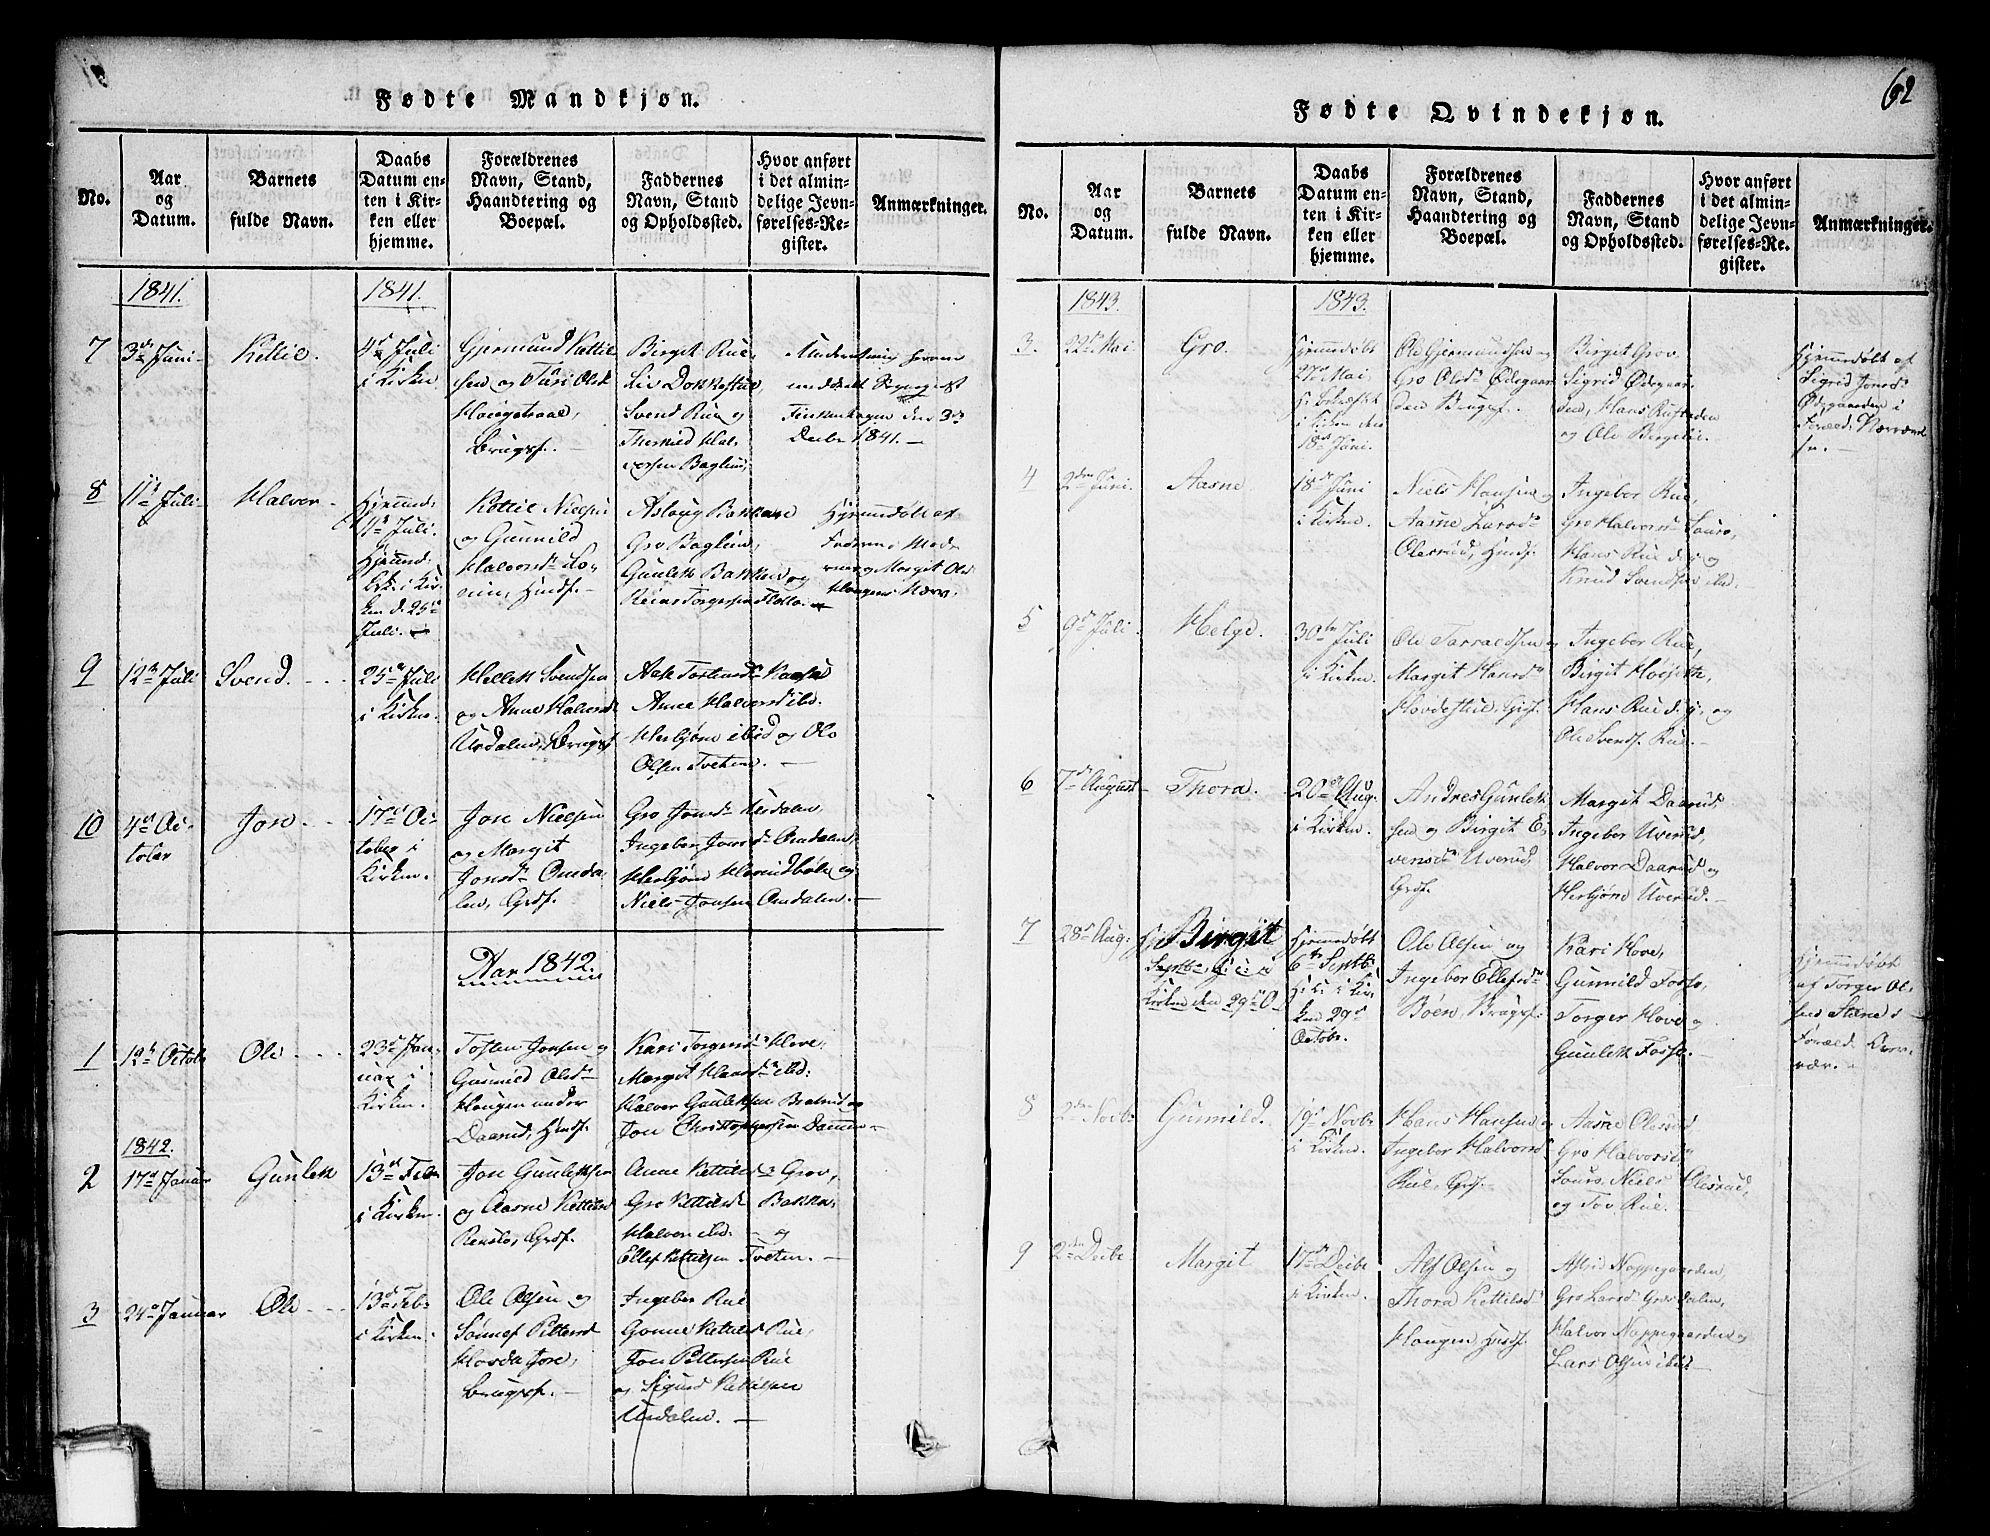 SAKO, Gransherad kirkebøker, G/Gb/L0001: Klokkerbok nr. II 1, 1815-1860, s. 62